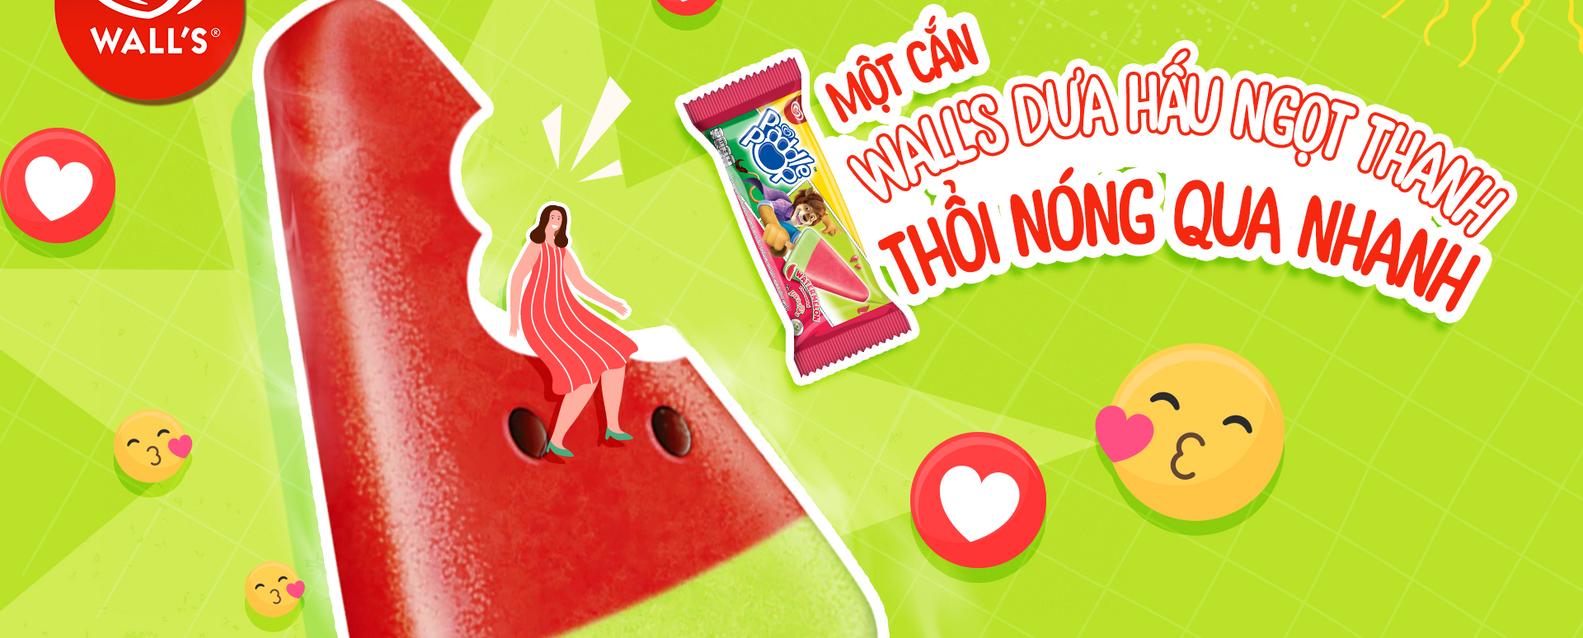 Hình ảnh kem Wall's dưa hấu